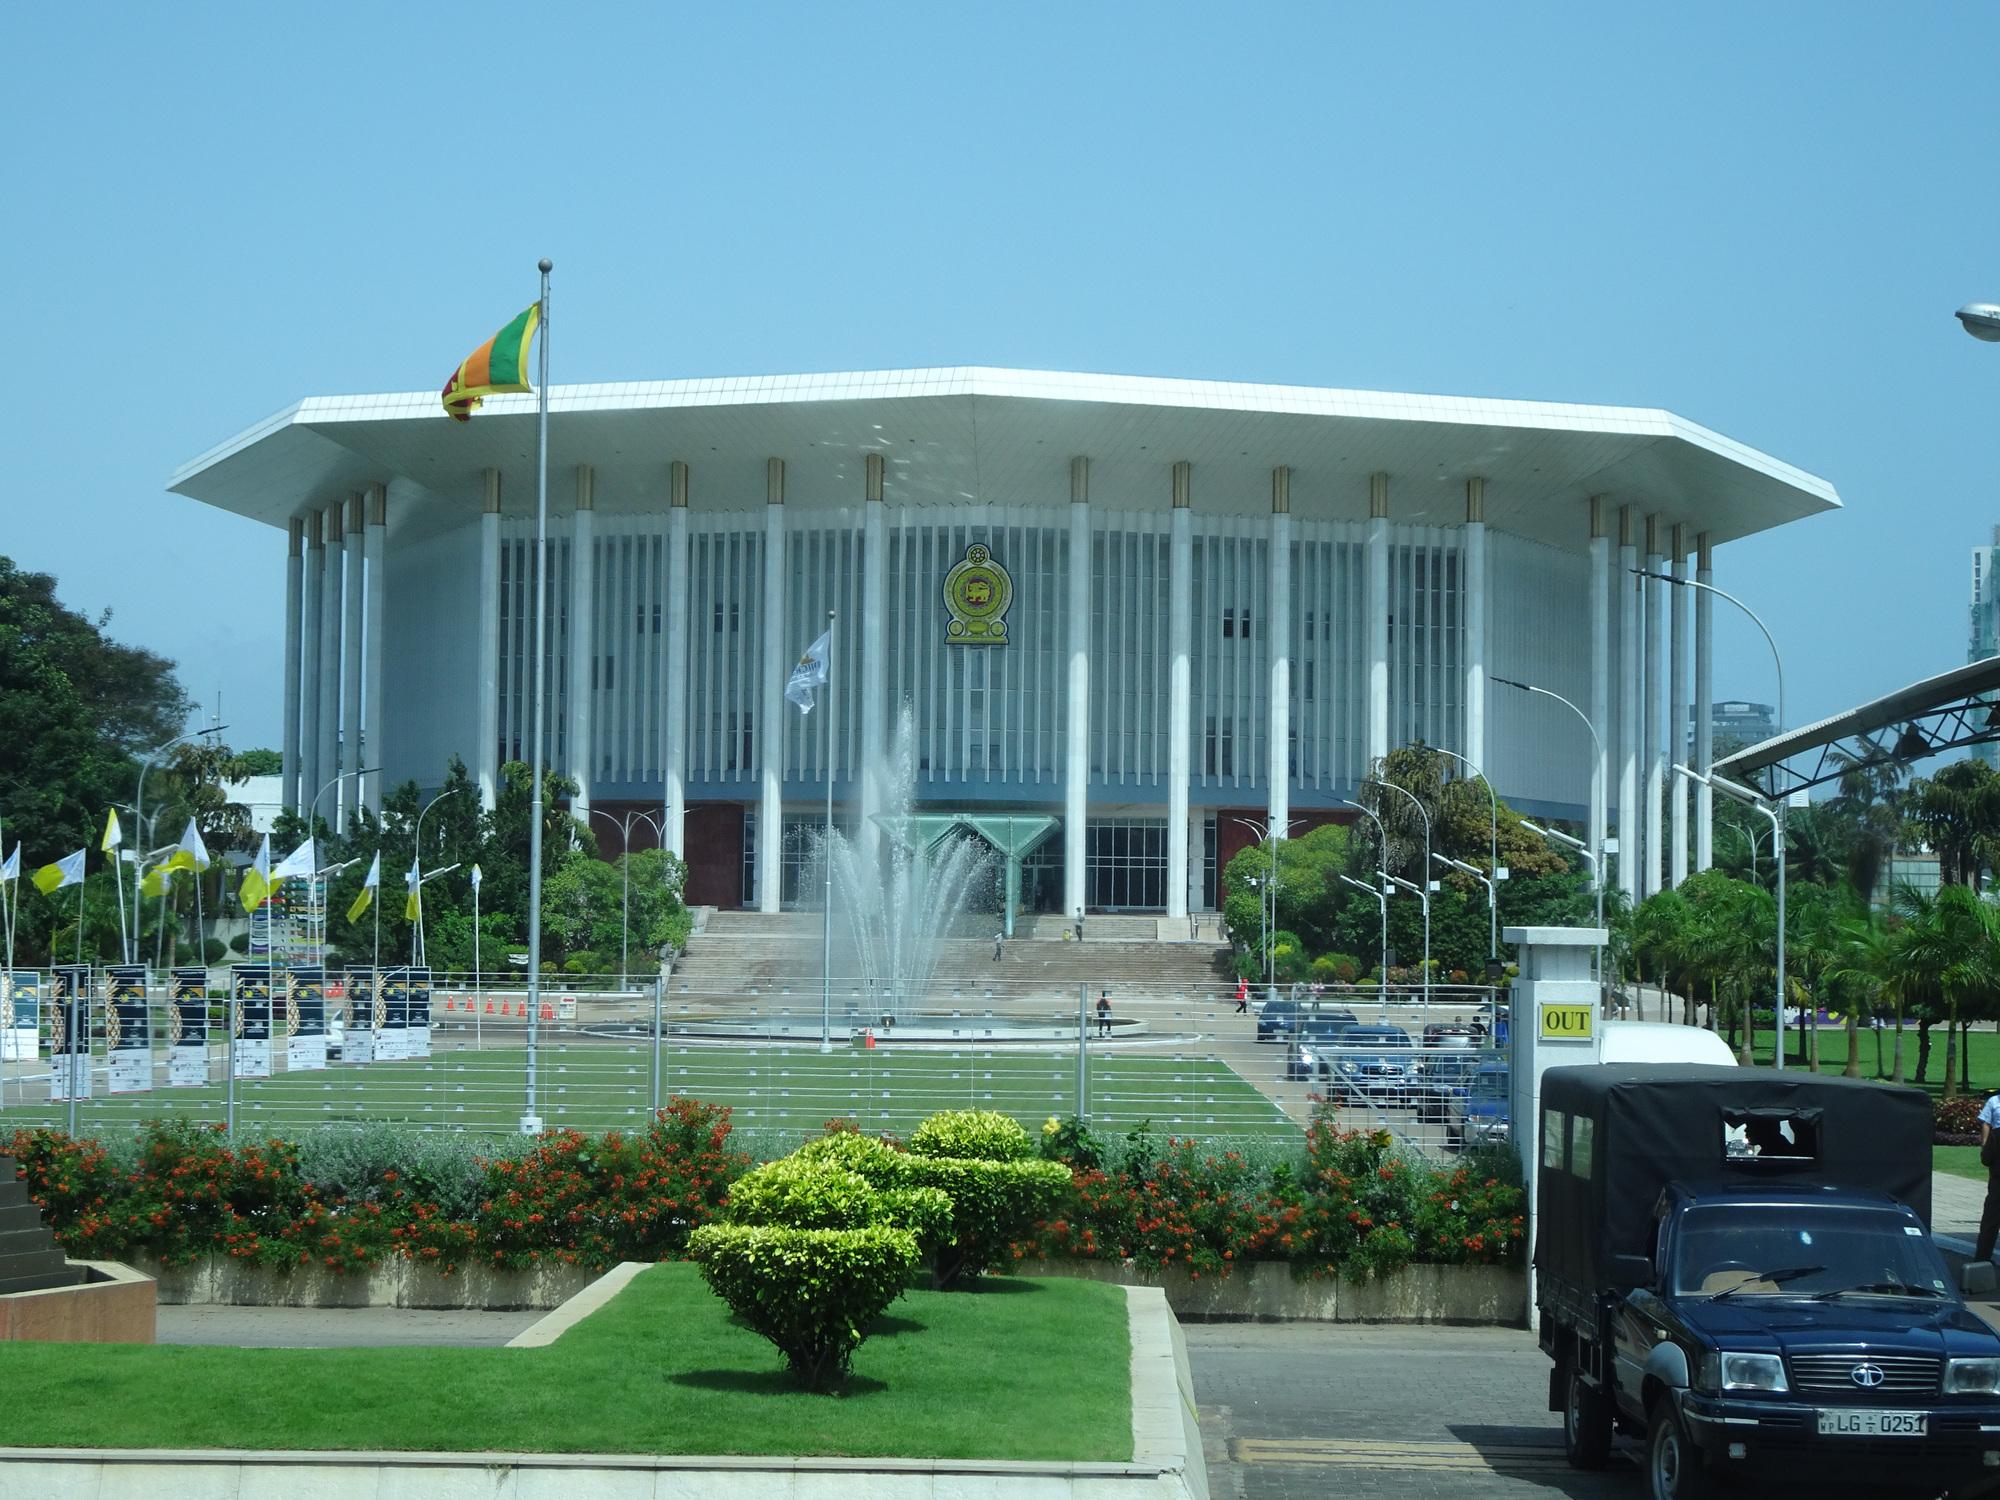 श्रीलंका सरकार ने कोविड-19 के प्रकोप के मद्देनजर कल से कर्फ्यू में छूट मंजूरी देने का फैसला किया